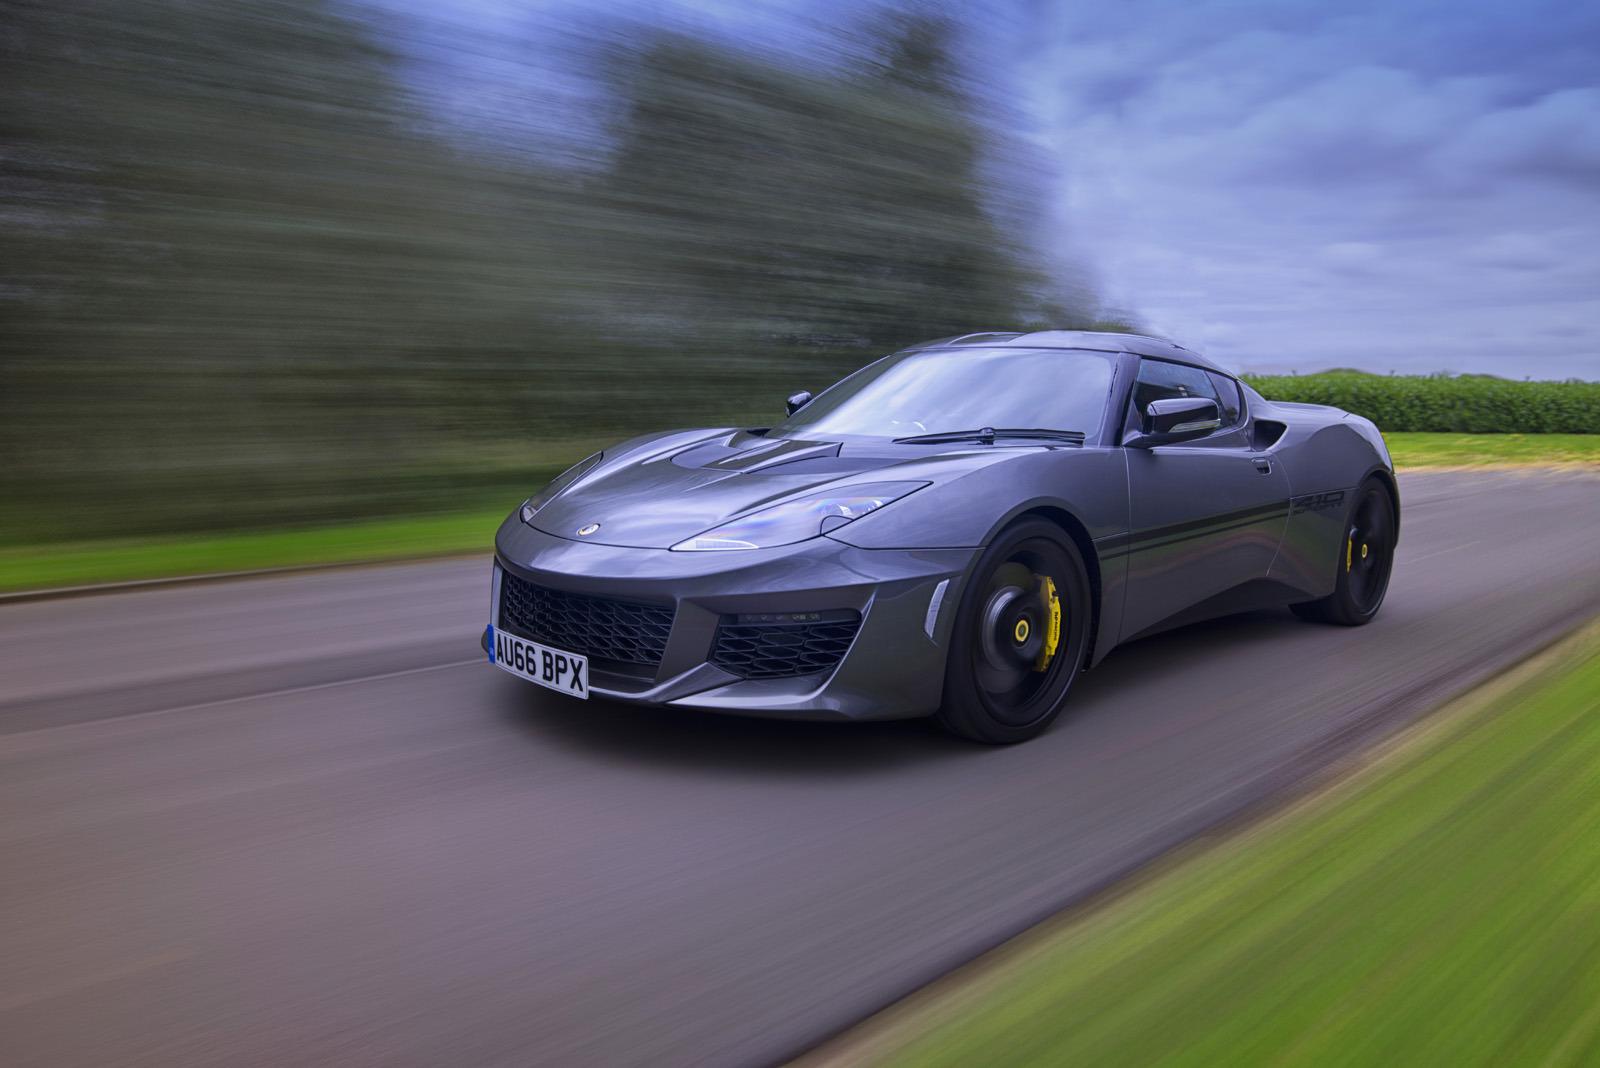 Geely kupuje Lotus, ďalšia automobilka pod čínskymi krídlami